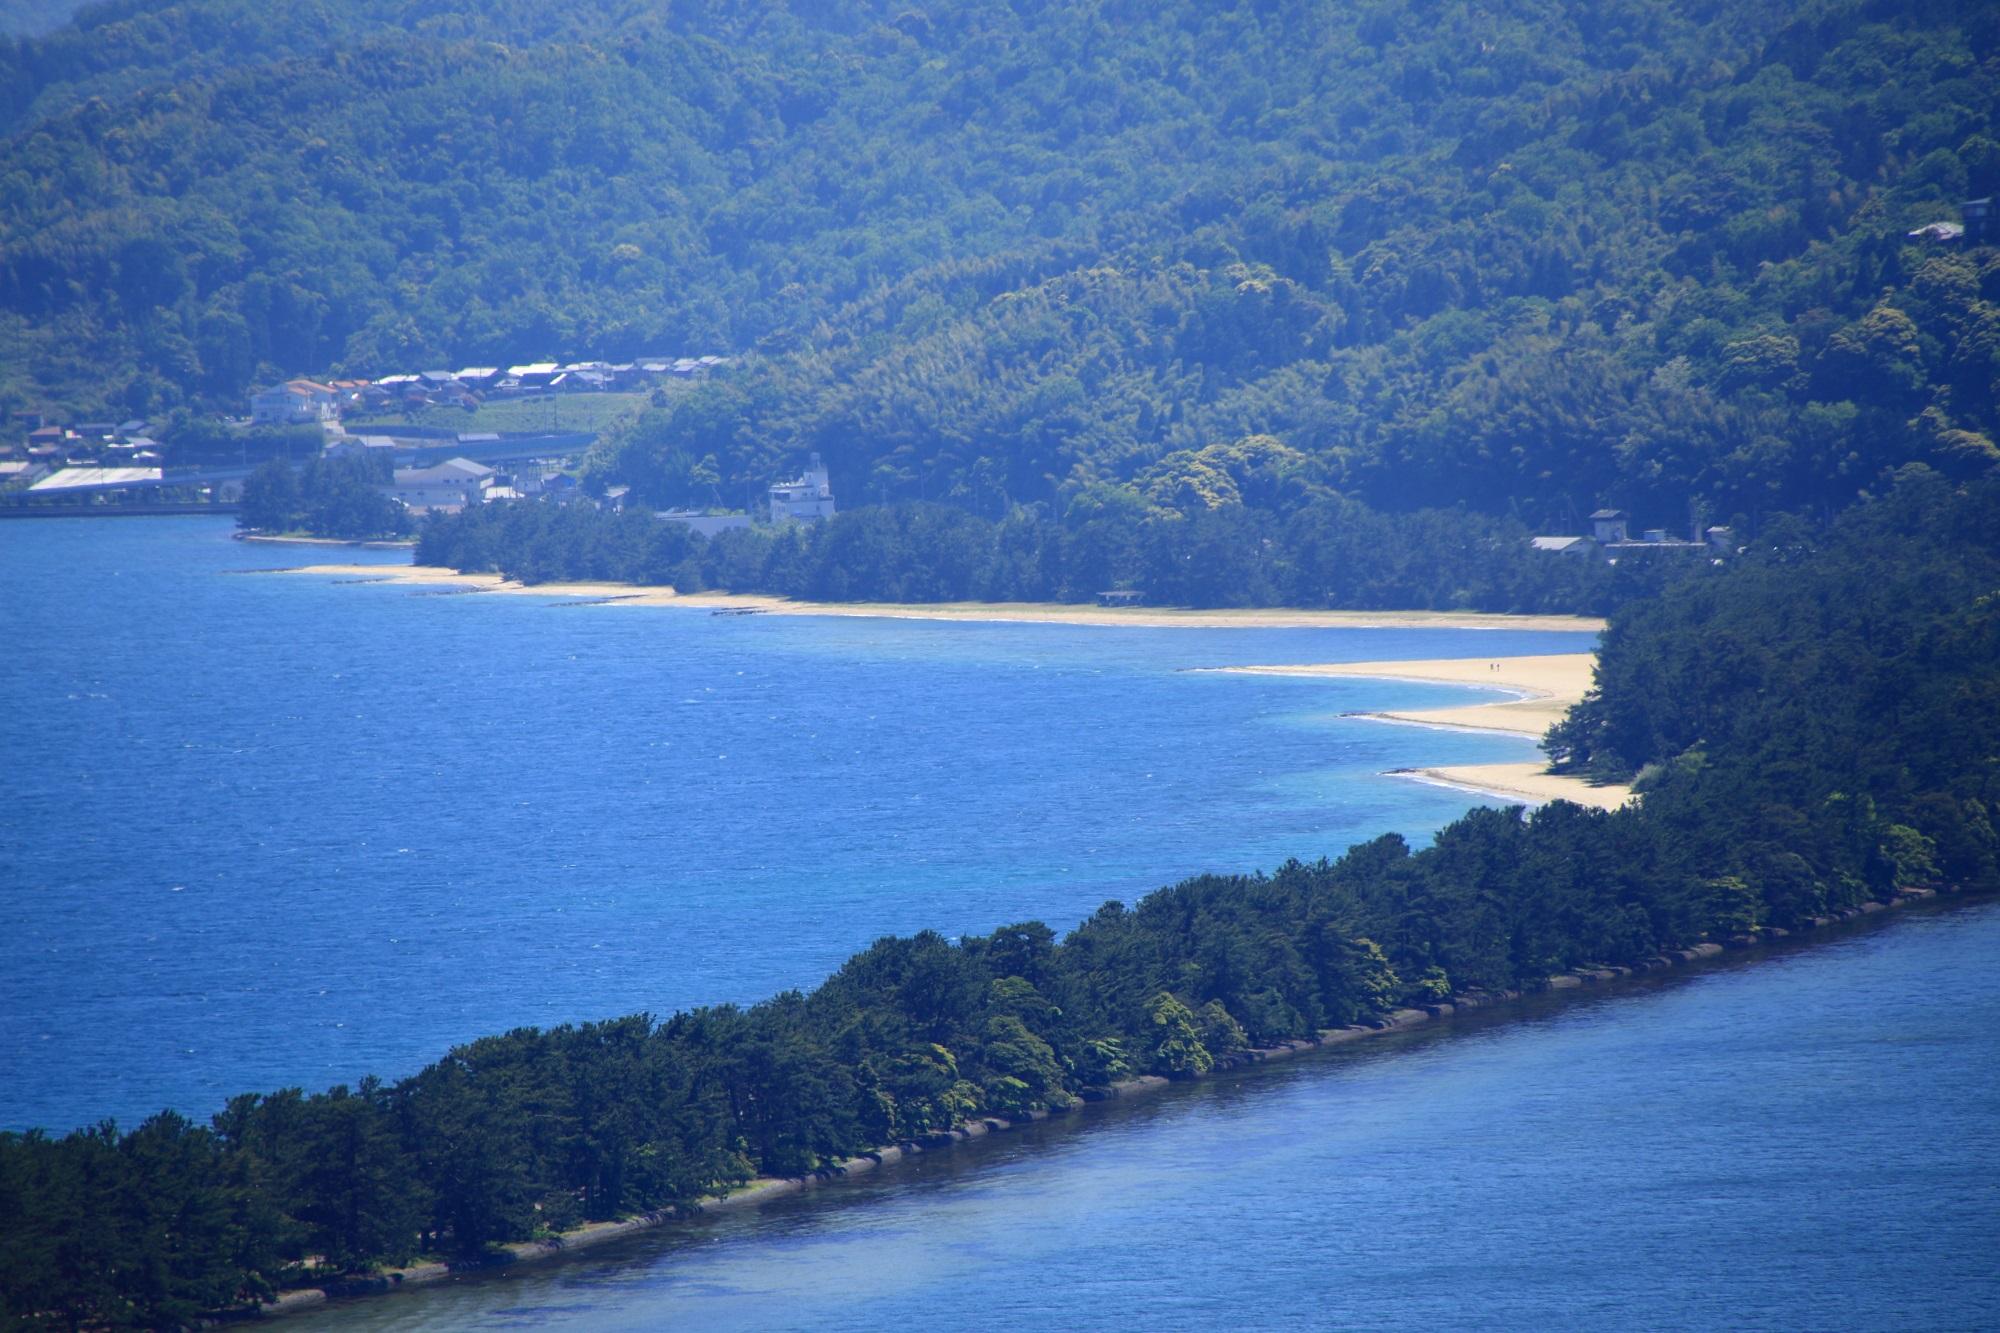 松の木などが生い茂る美しい砂州である天橋立